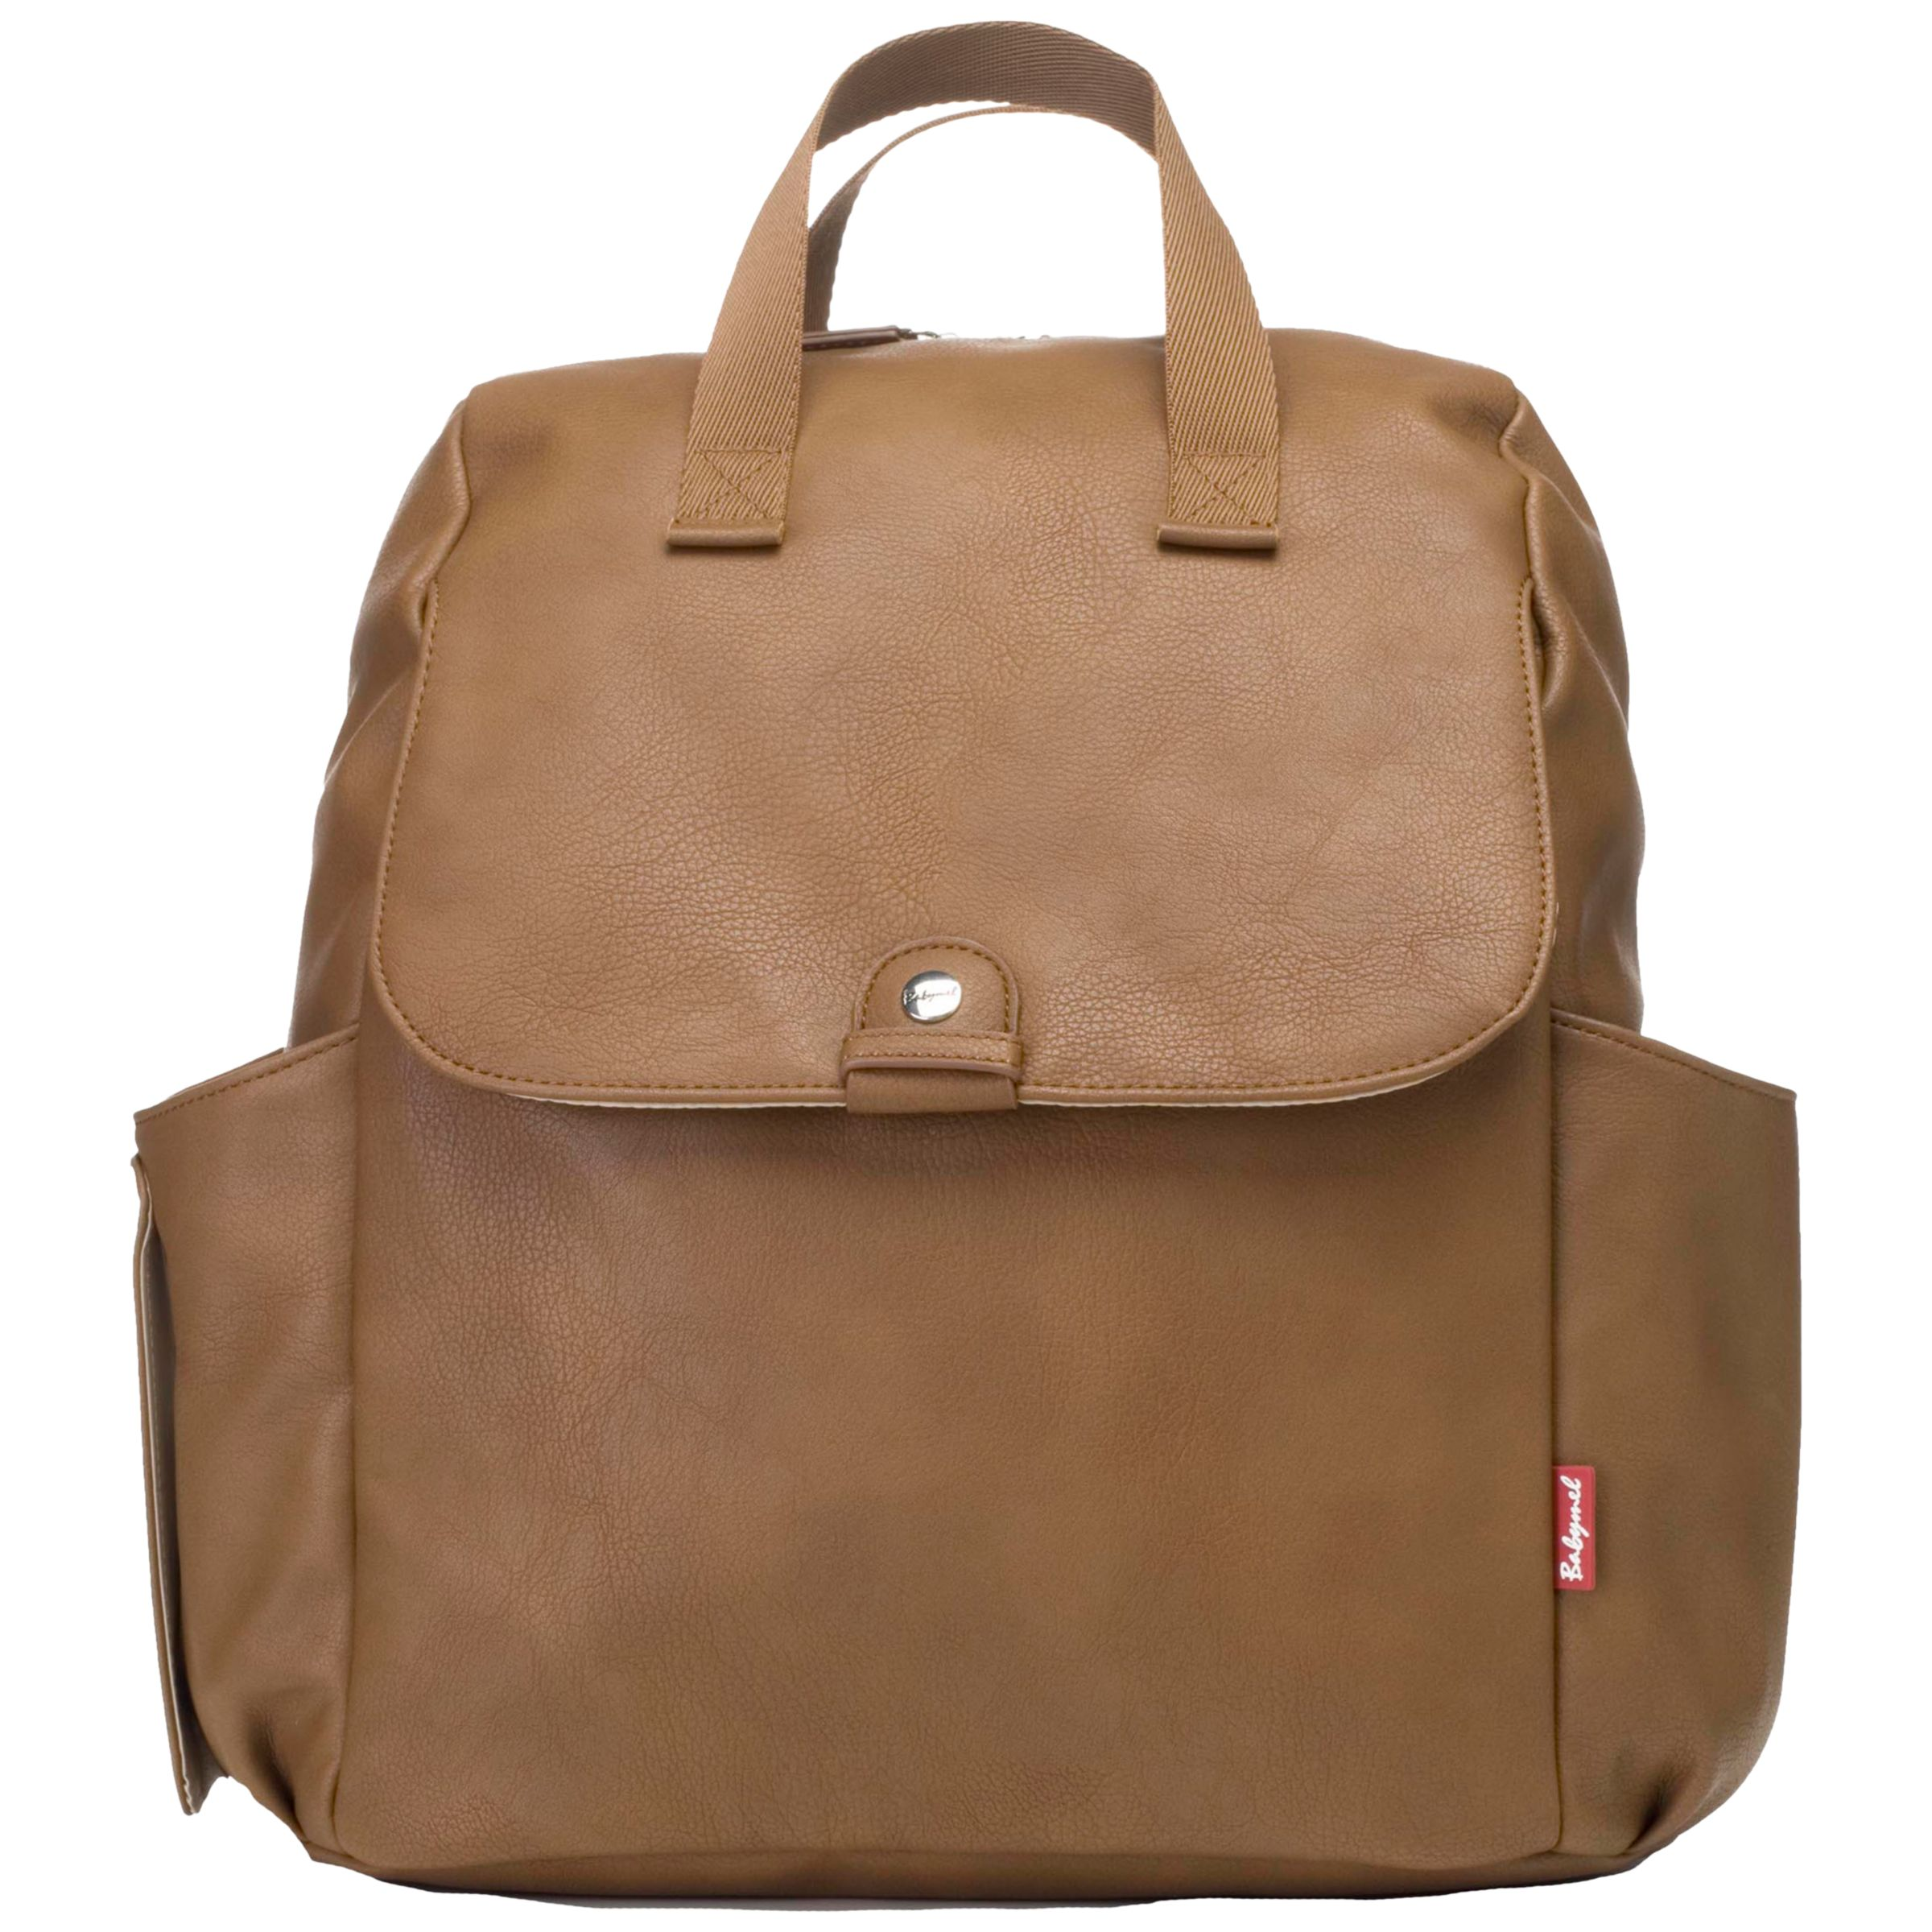 Babymel Babymel Robyn Convertible Vegan Leather Backpack Changing Bag, Tan